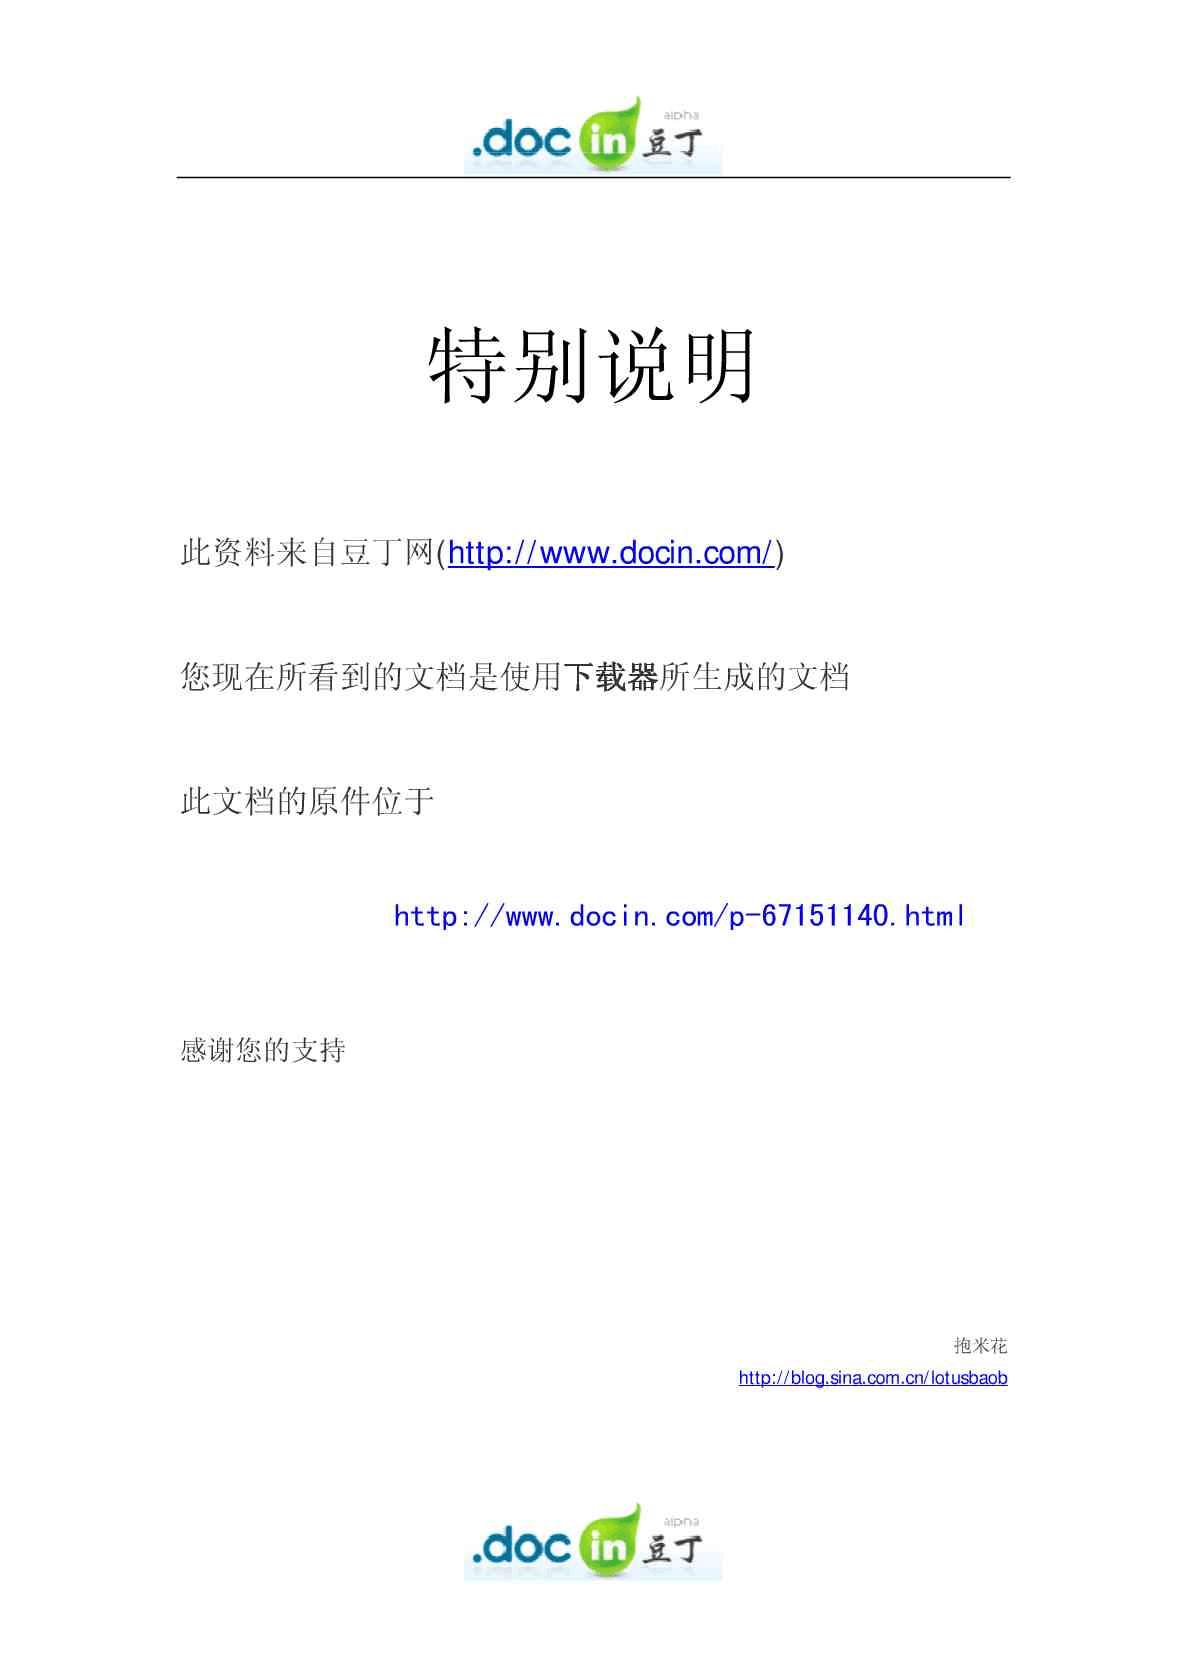 电大西方经济学小抄_电大证据学小抄_word文档在线阅读与下载_无忧文档